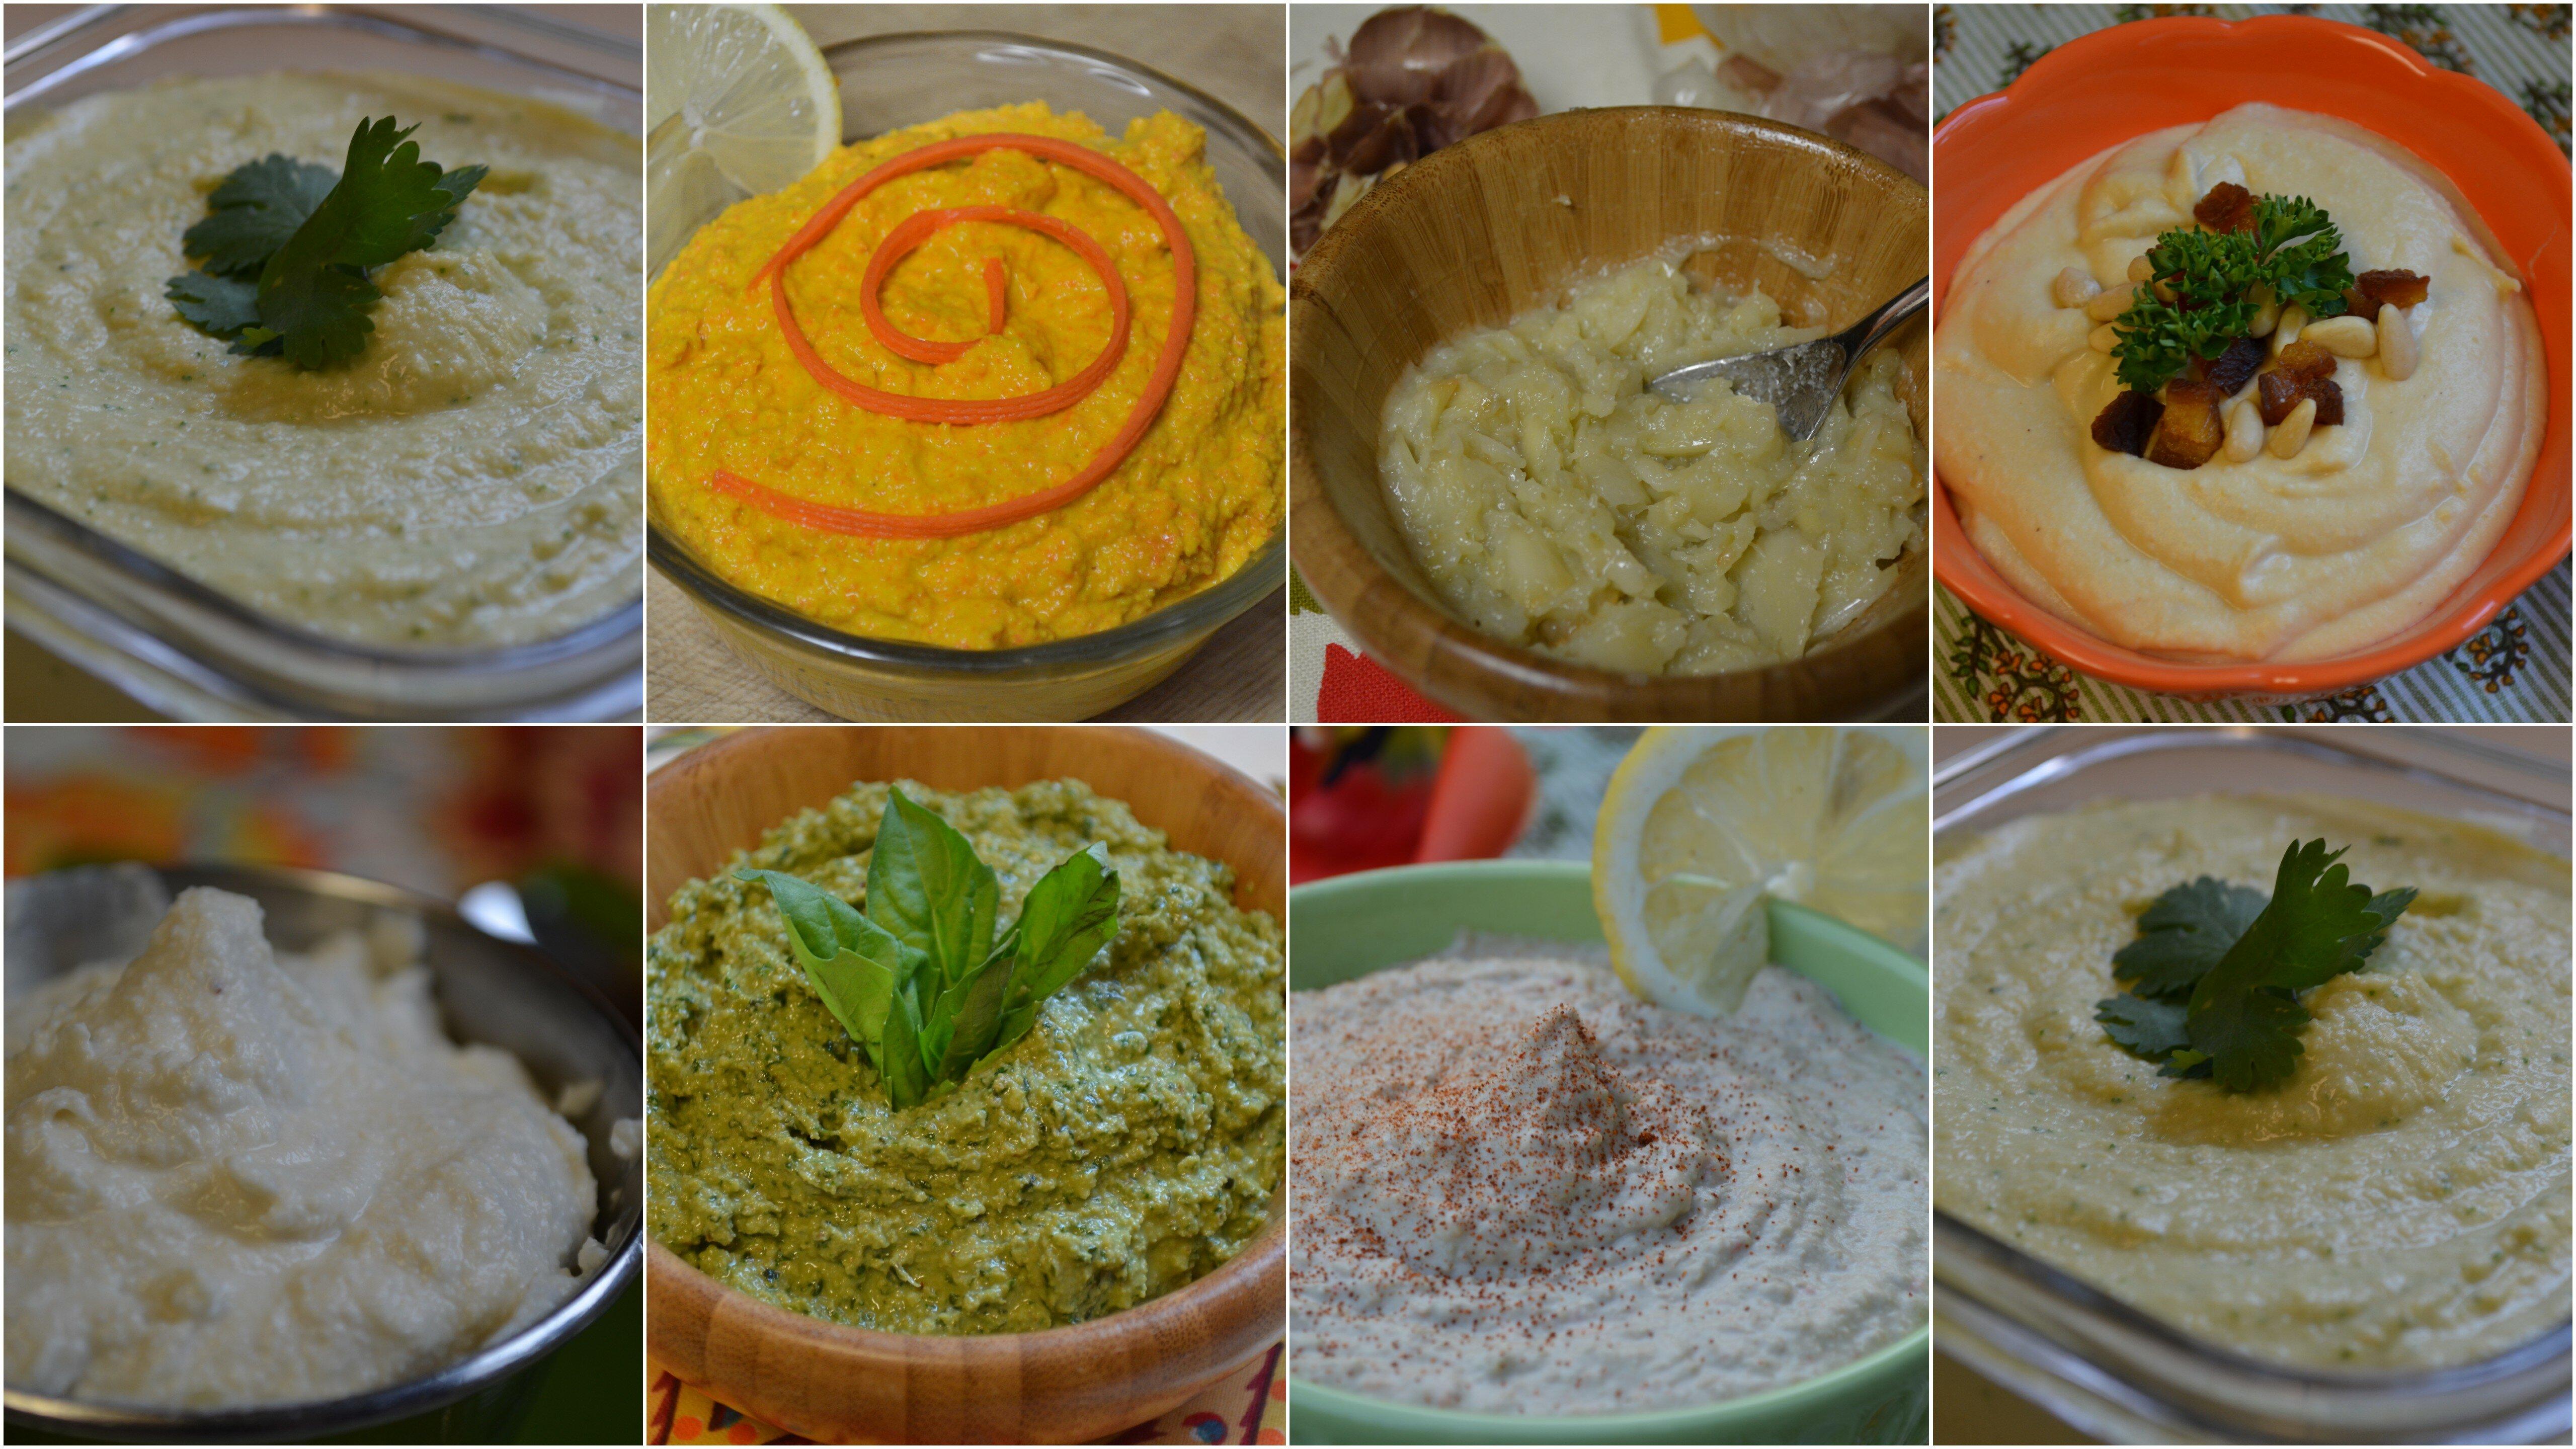 Dips & Spreads - The Tasty Alternative